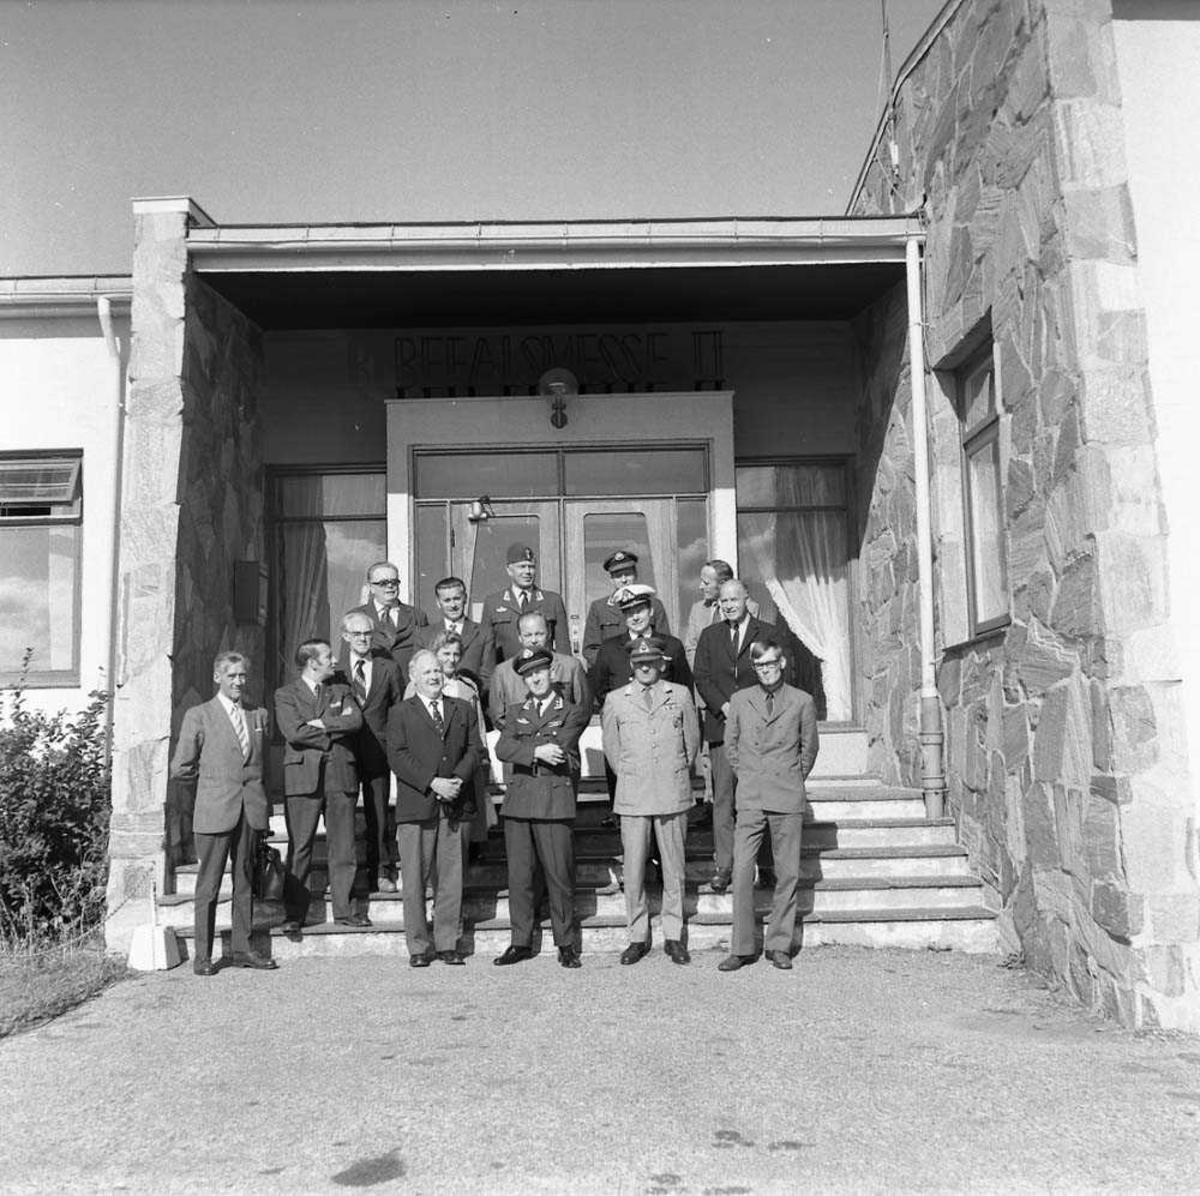 Gruppefoto av Forsvarskommiteens besøk på Bodø flystasjon, her fotografert foran Messe II på stasjonen. Oberstløytnant Olav F. Aamoth sees i første rekke som nr. 3 fra høyre. Oberst H. Wergeland sees helt bakerst i midten.